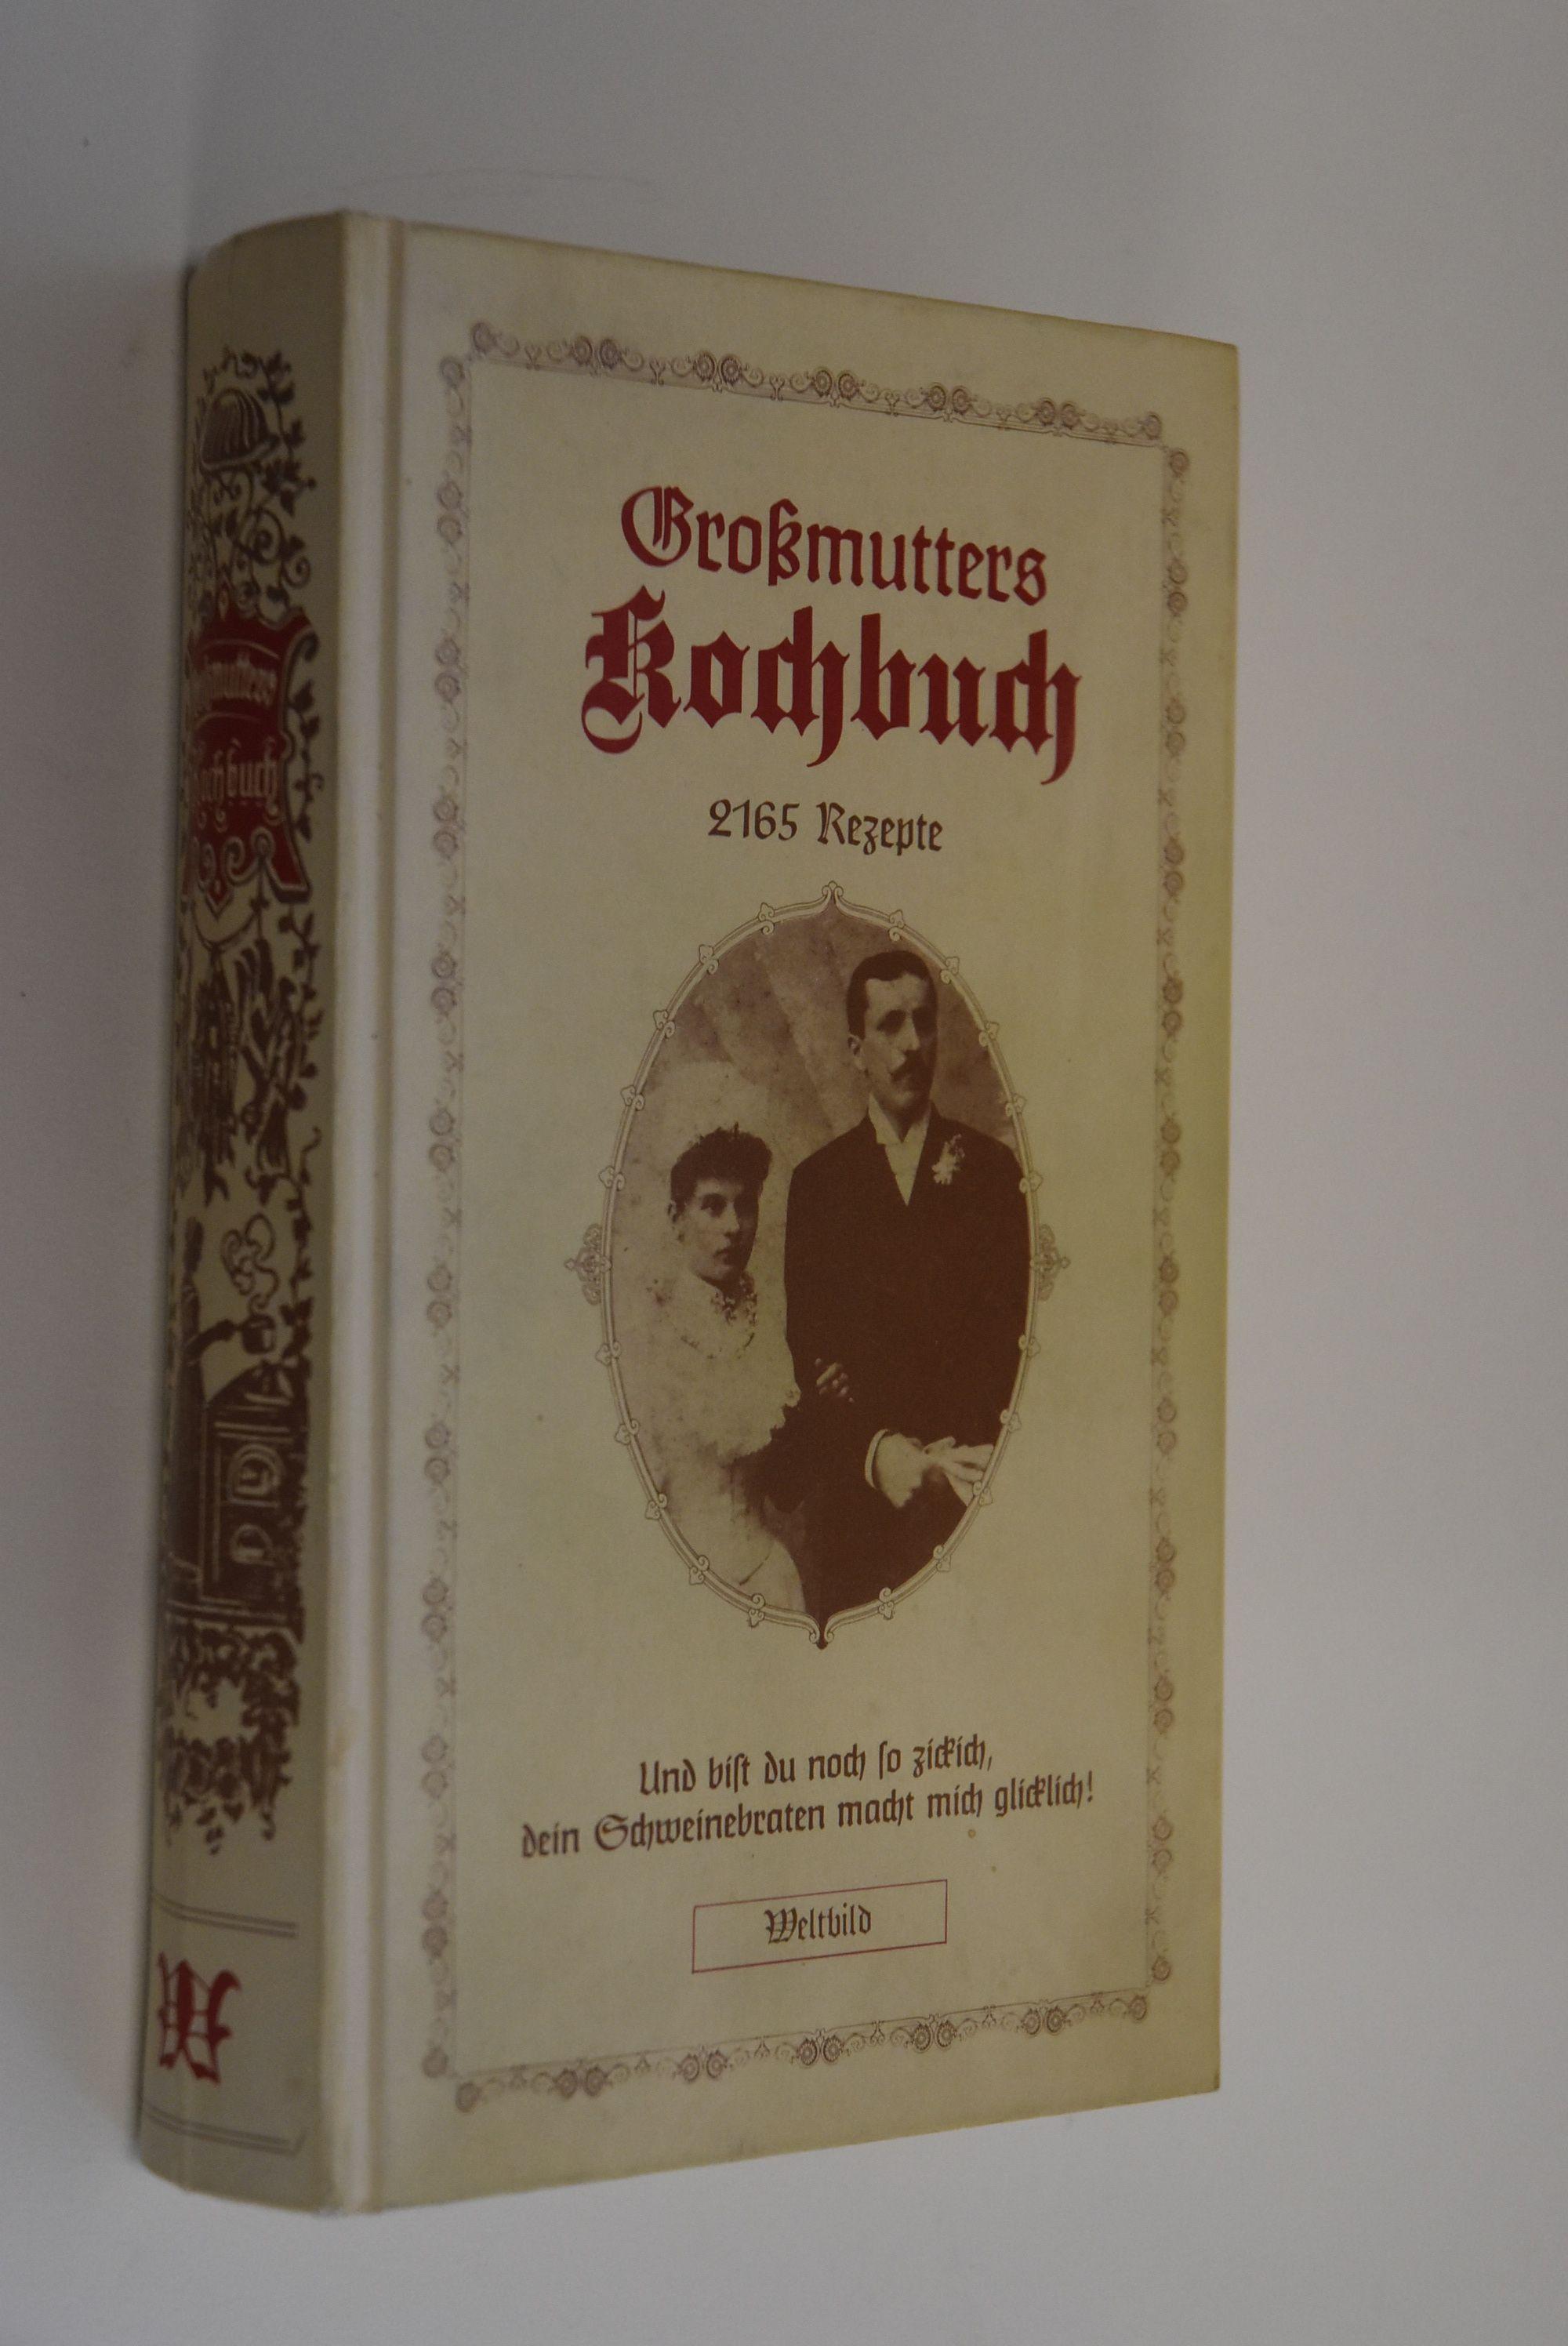 Grossmutters Kochbuch : 2165 Rezepte. Und bist: Riedl, Christine Charlotte: